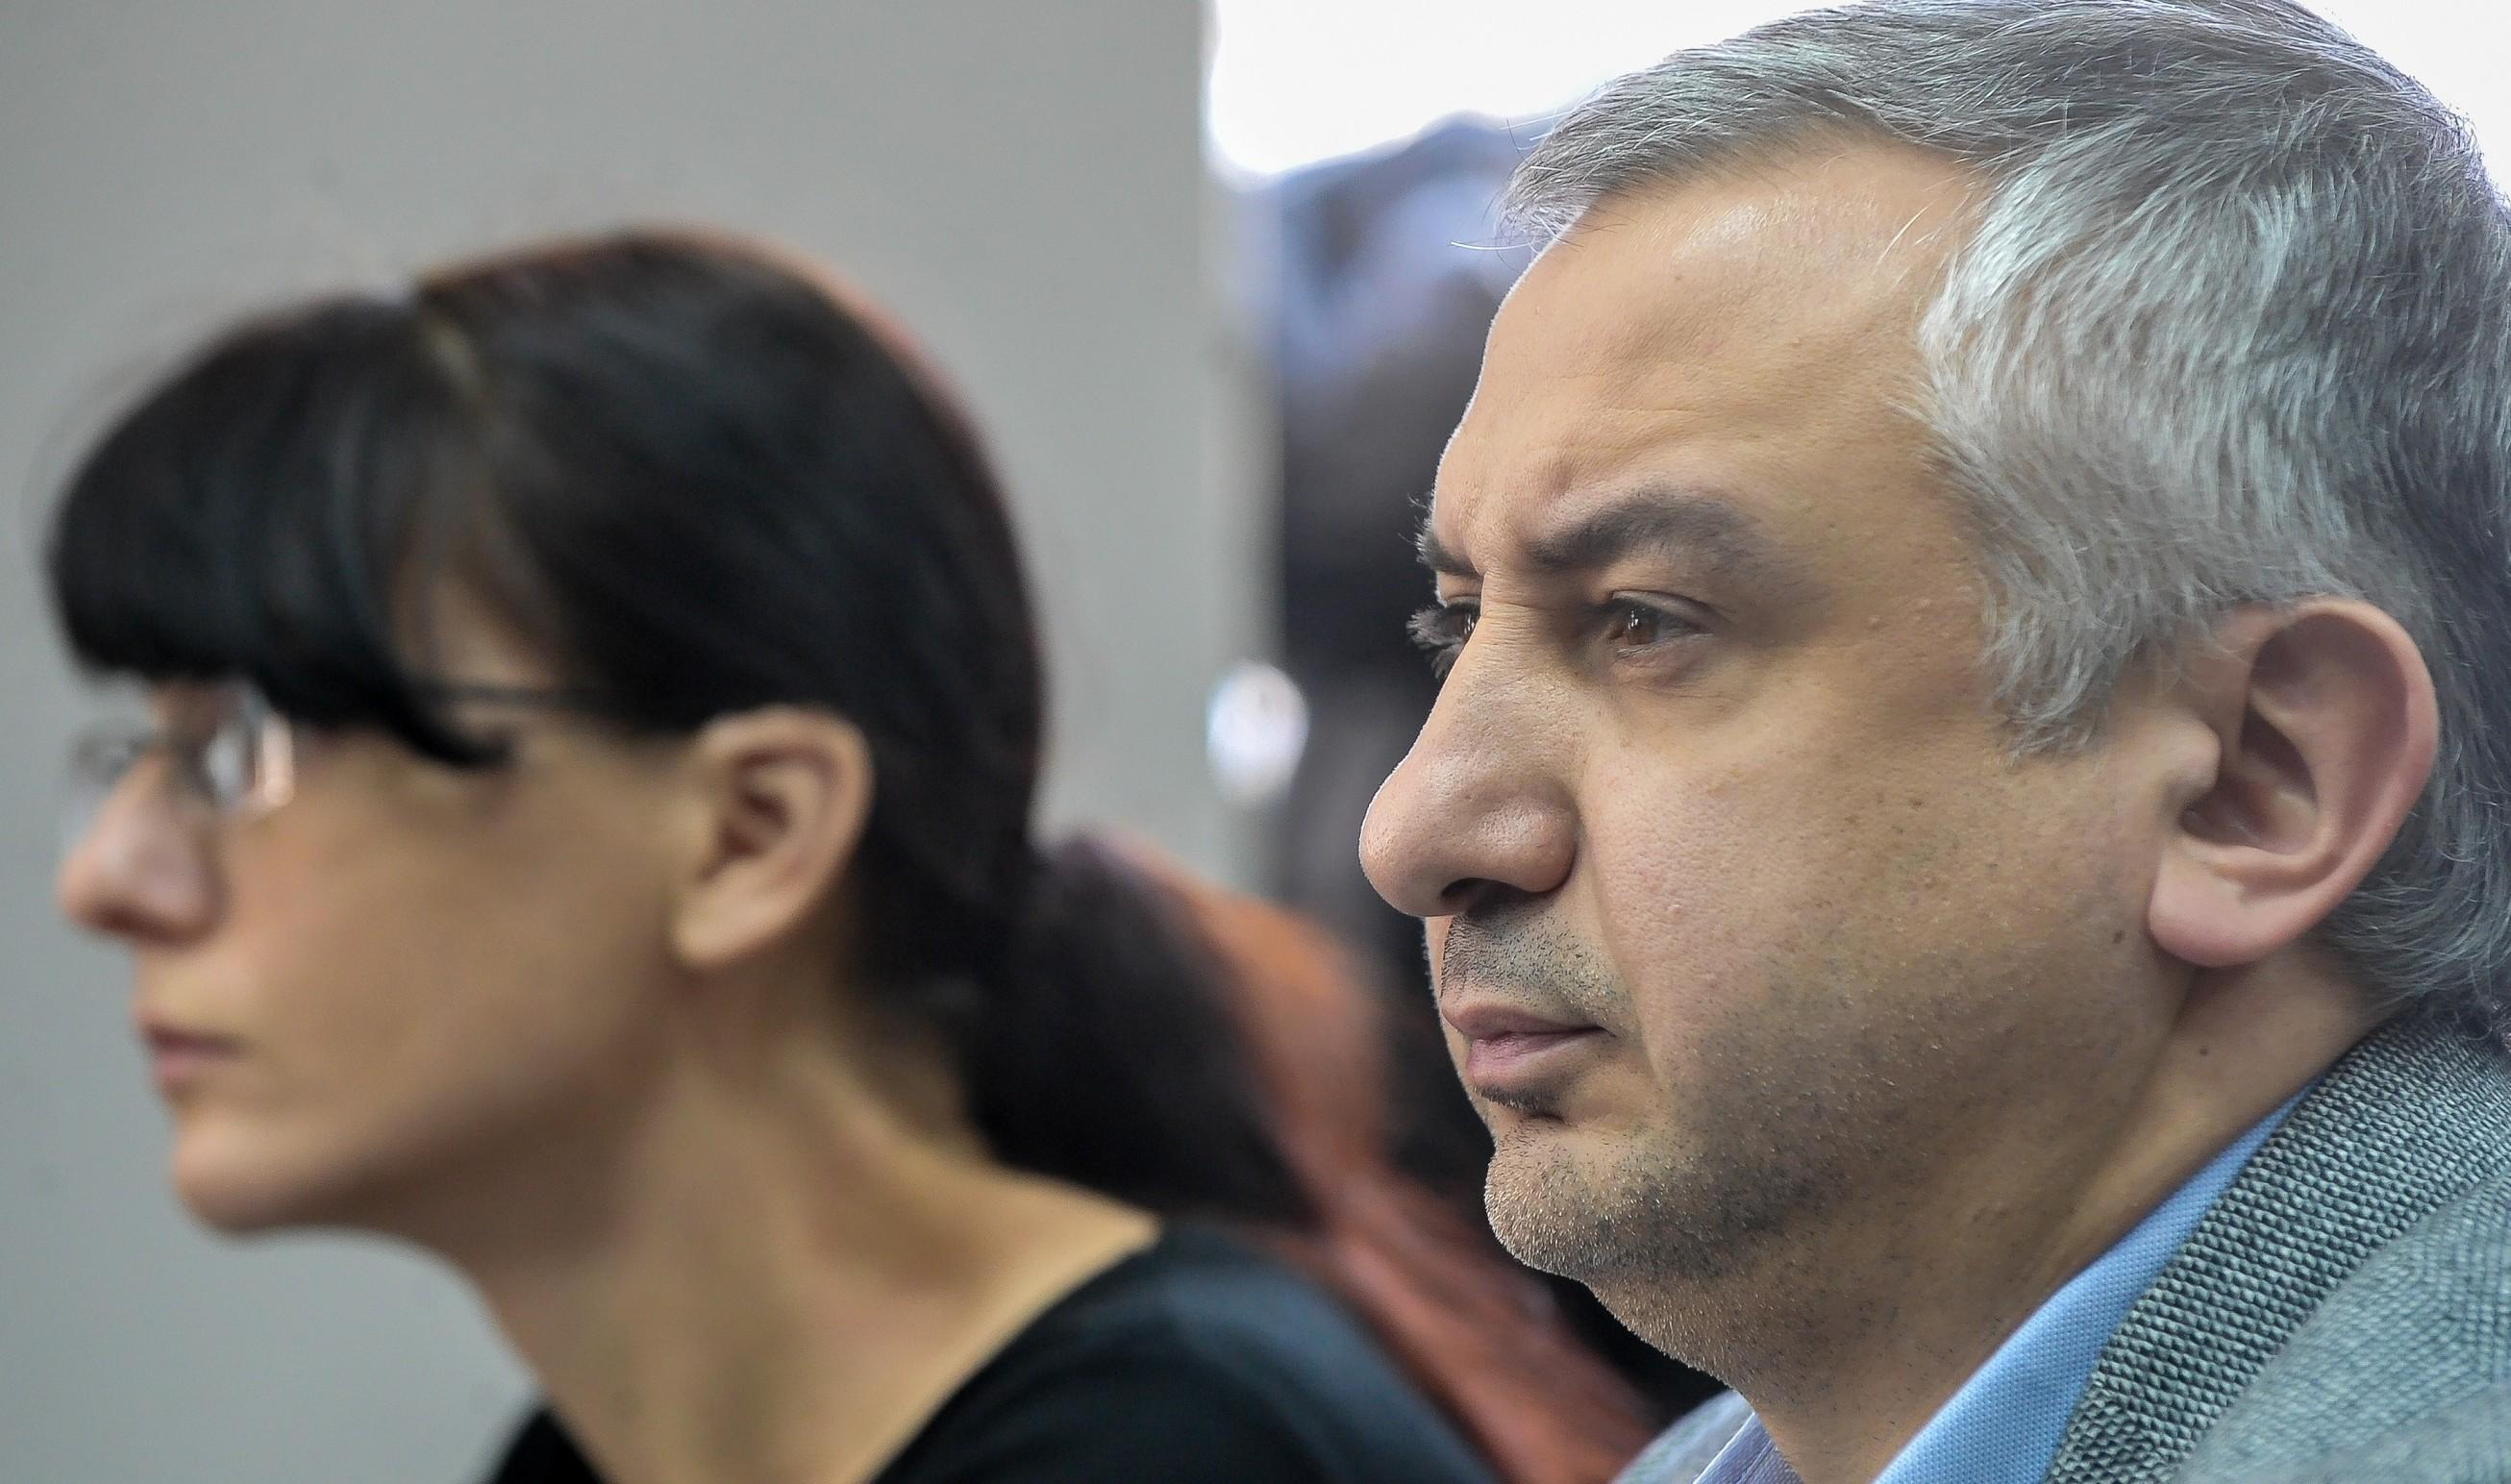 Досудебное расследование по делу Игоря Шишки продлили до декабря: компаньона главврача ЗОКБ посадили под домашний арест